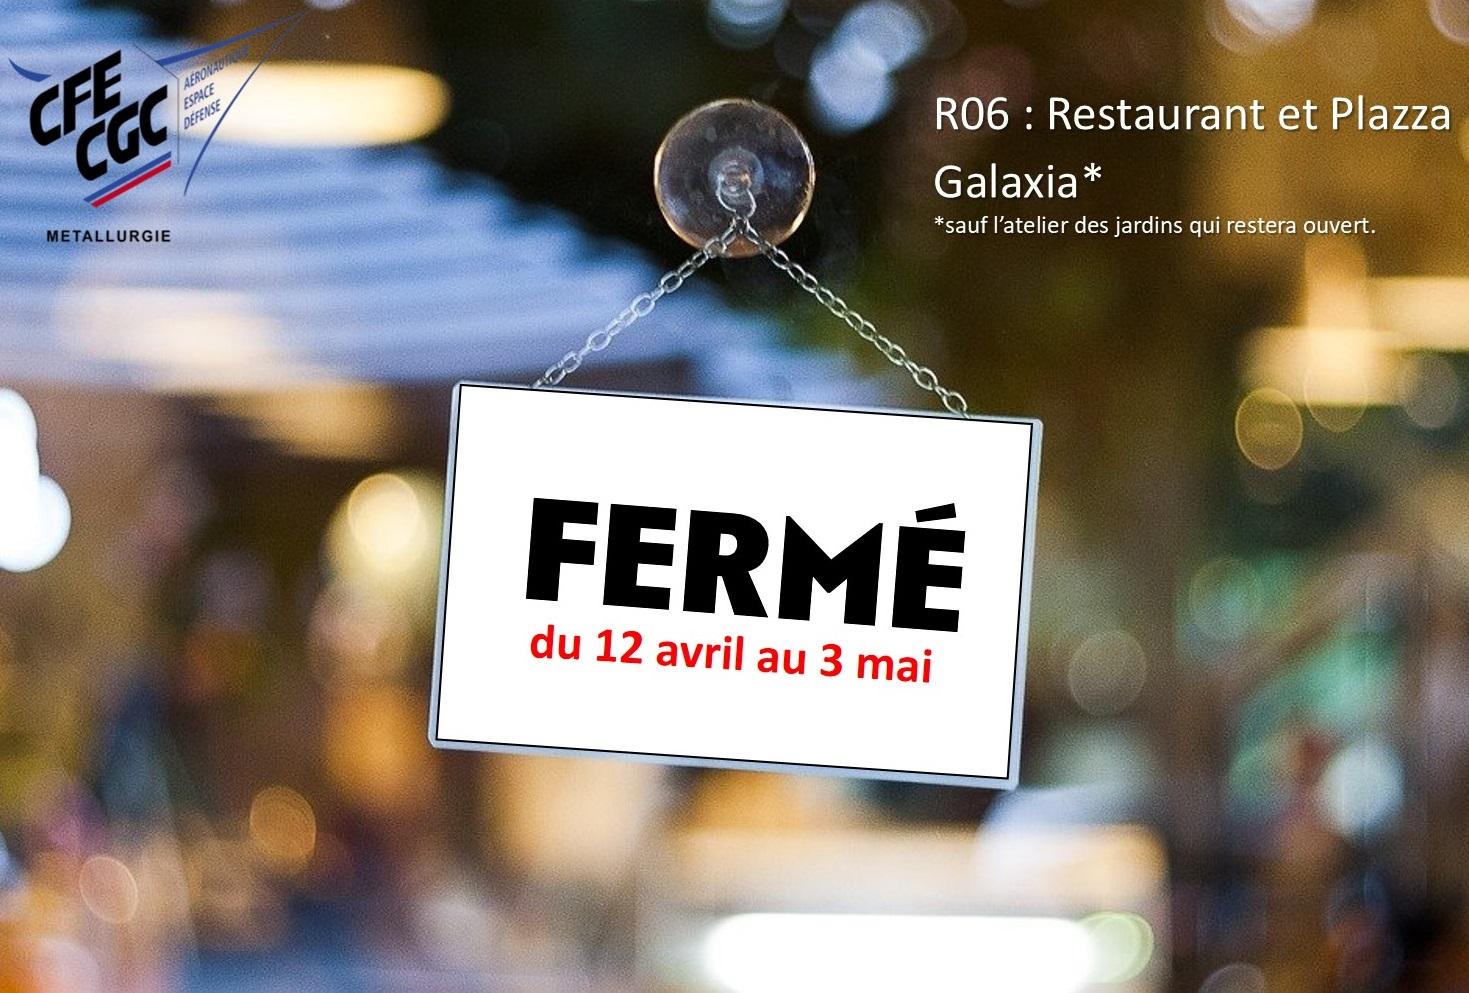 Fermeture des restaurants R06 et Galaxia